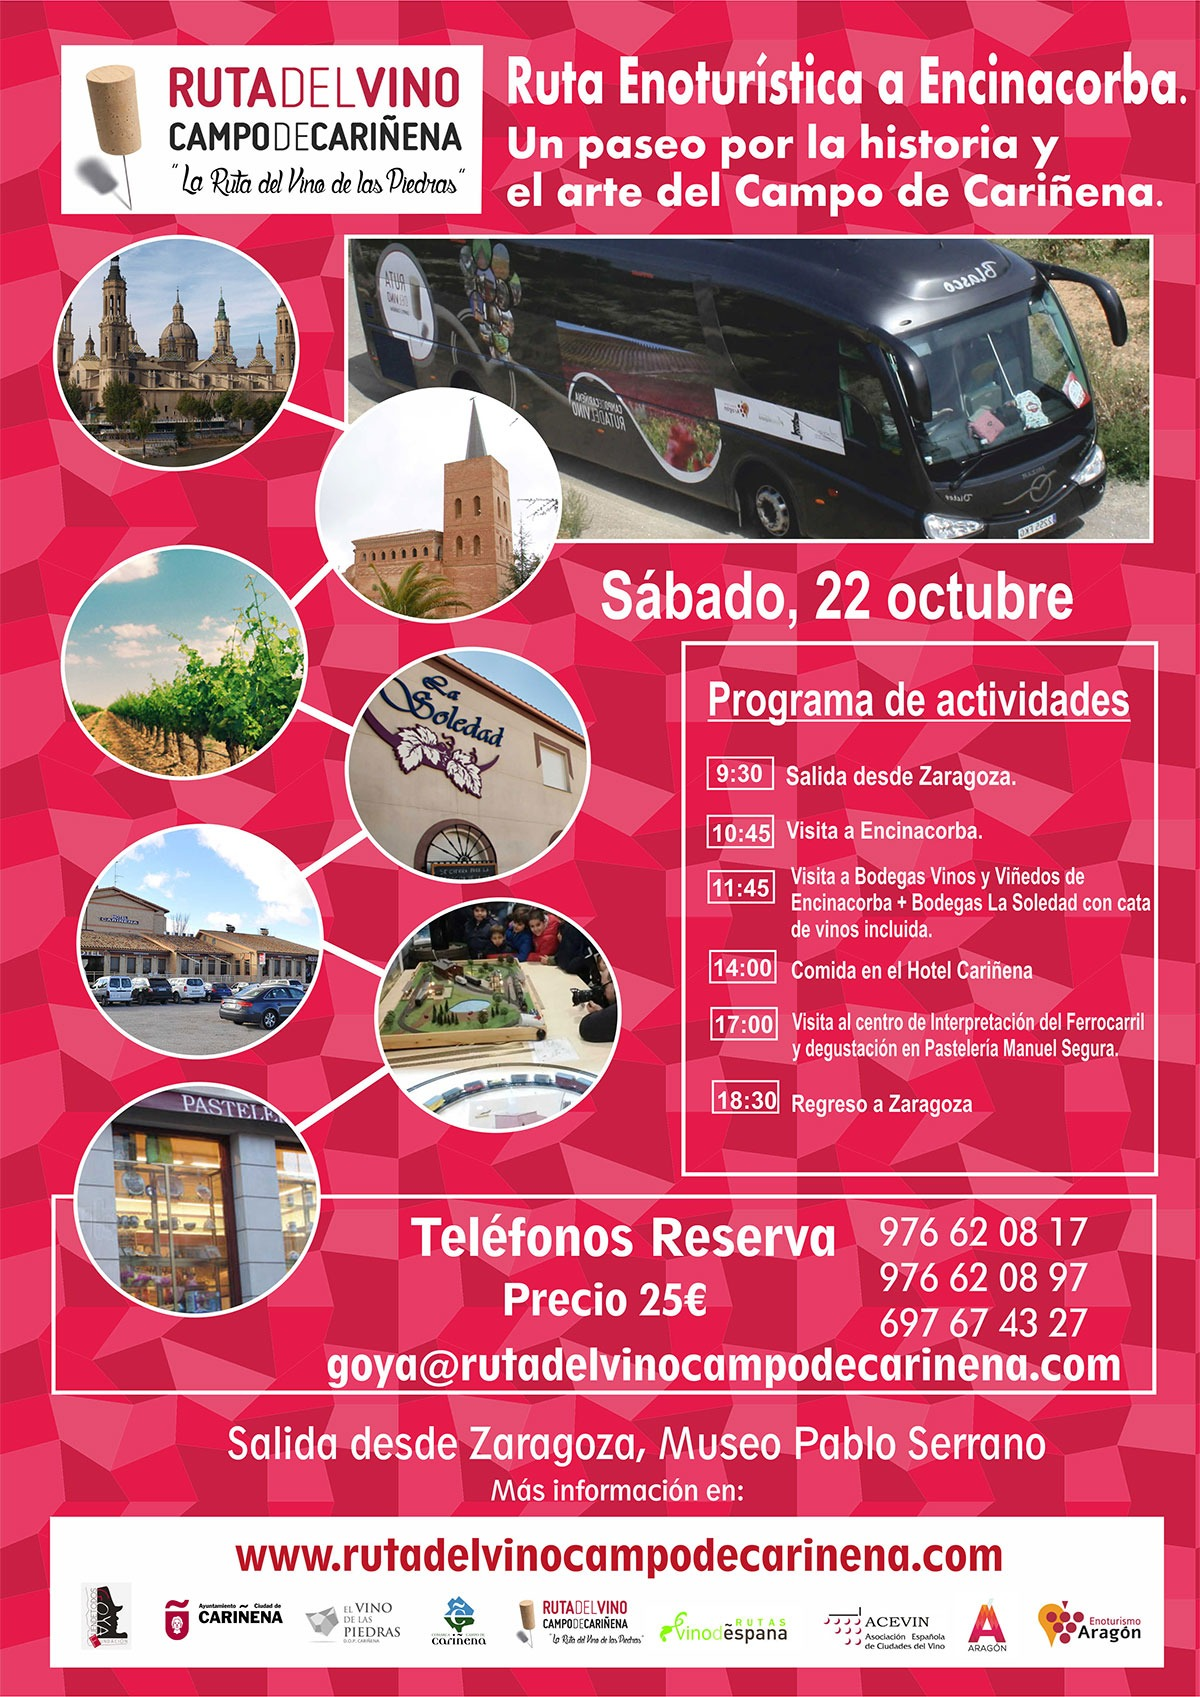 El Bus de la Ruta, este mes de octubre visita Encinacorba